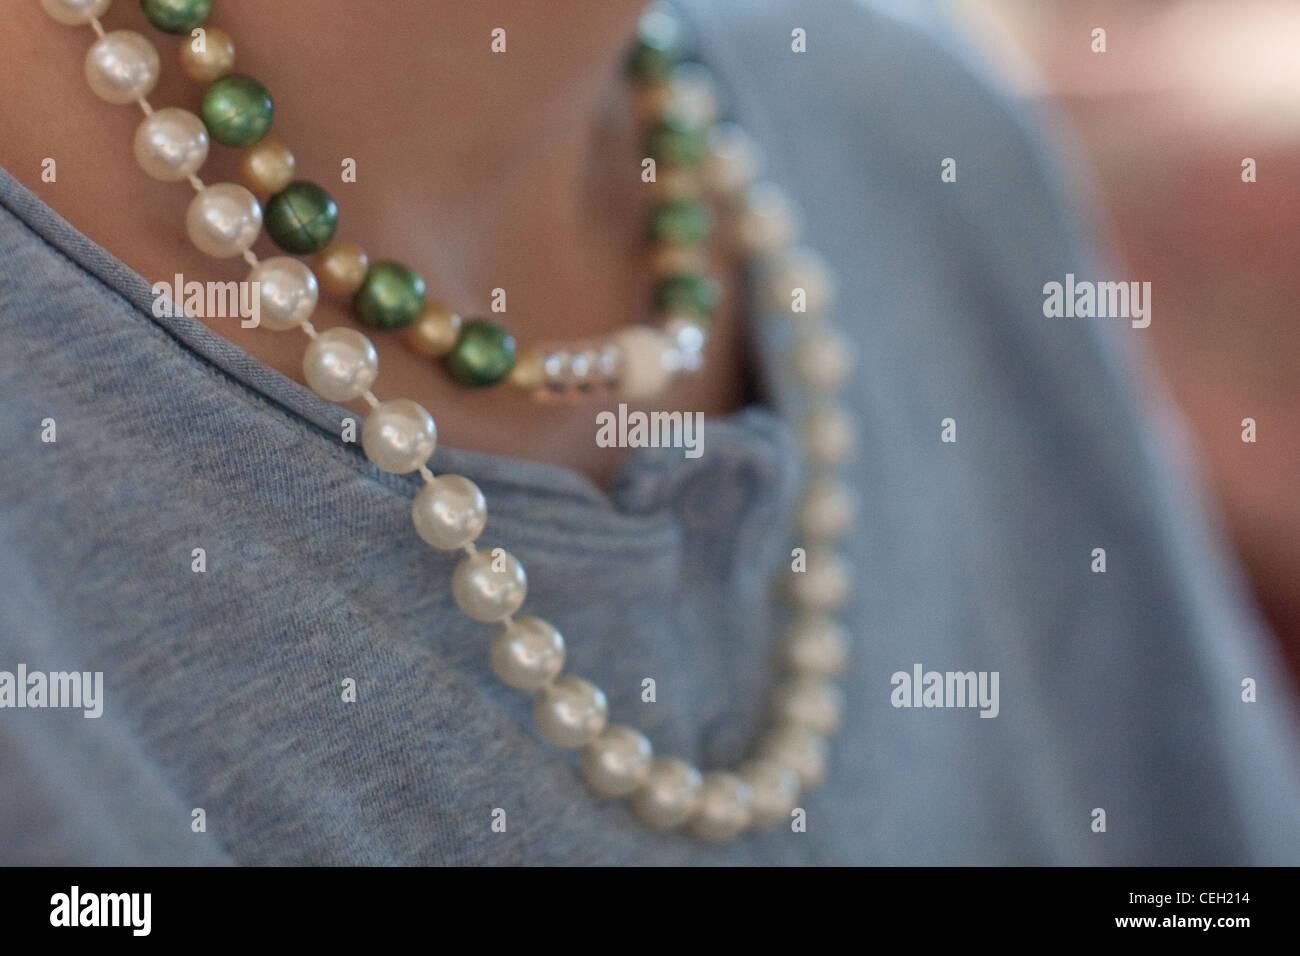 Nahaufnahme des Mädchens Perlen und Perlen um den Hals tragen. Stockbild